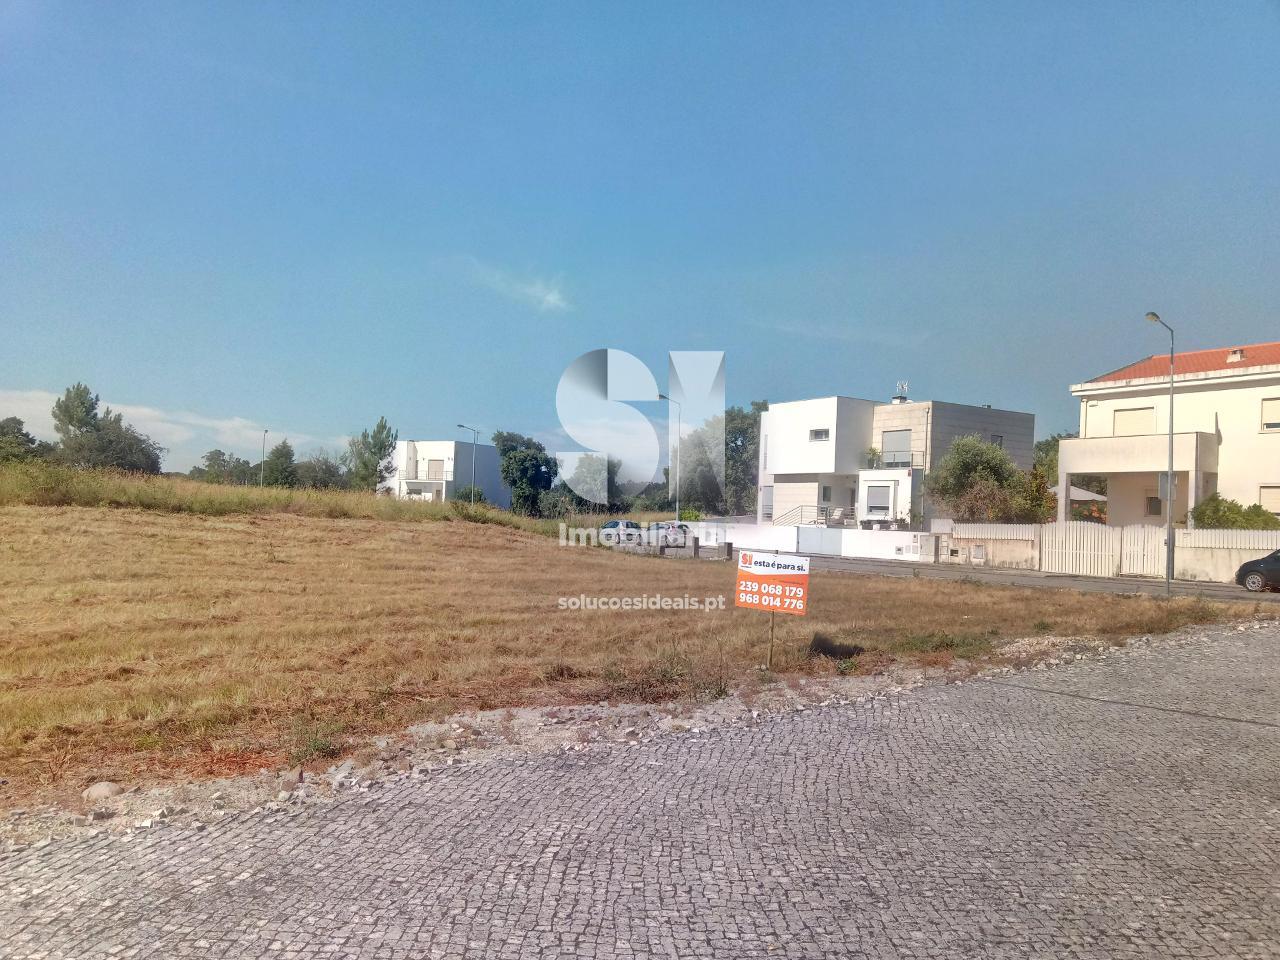 terreno para compra em condeixaanova uniao das freguesias de sebal e belide CDXCC2027